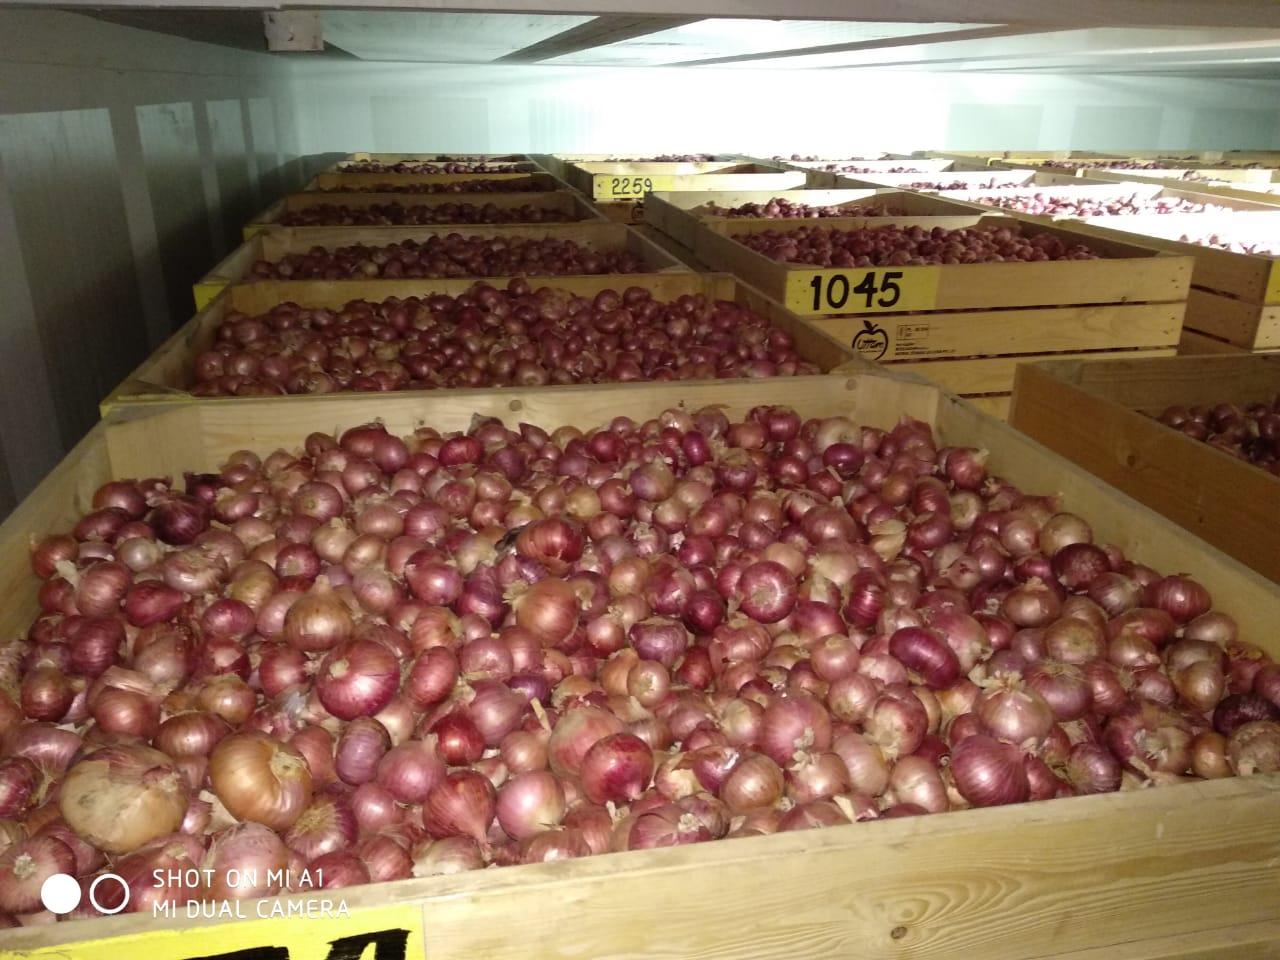 Onion Storage in Cold Storage room